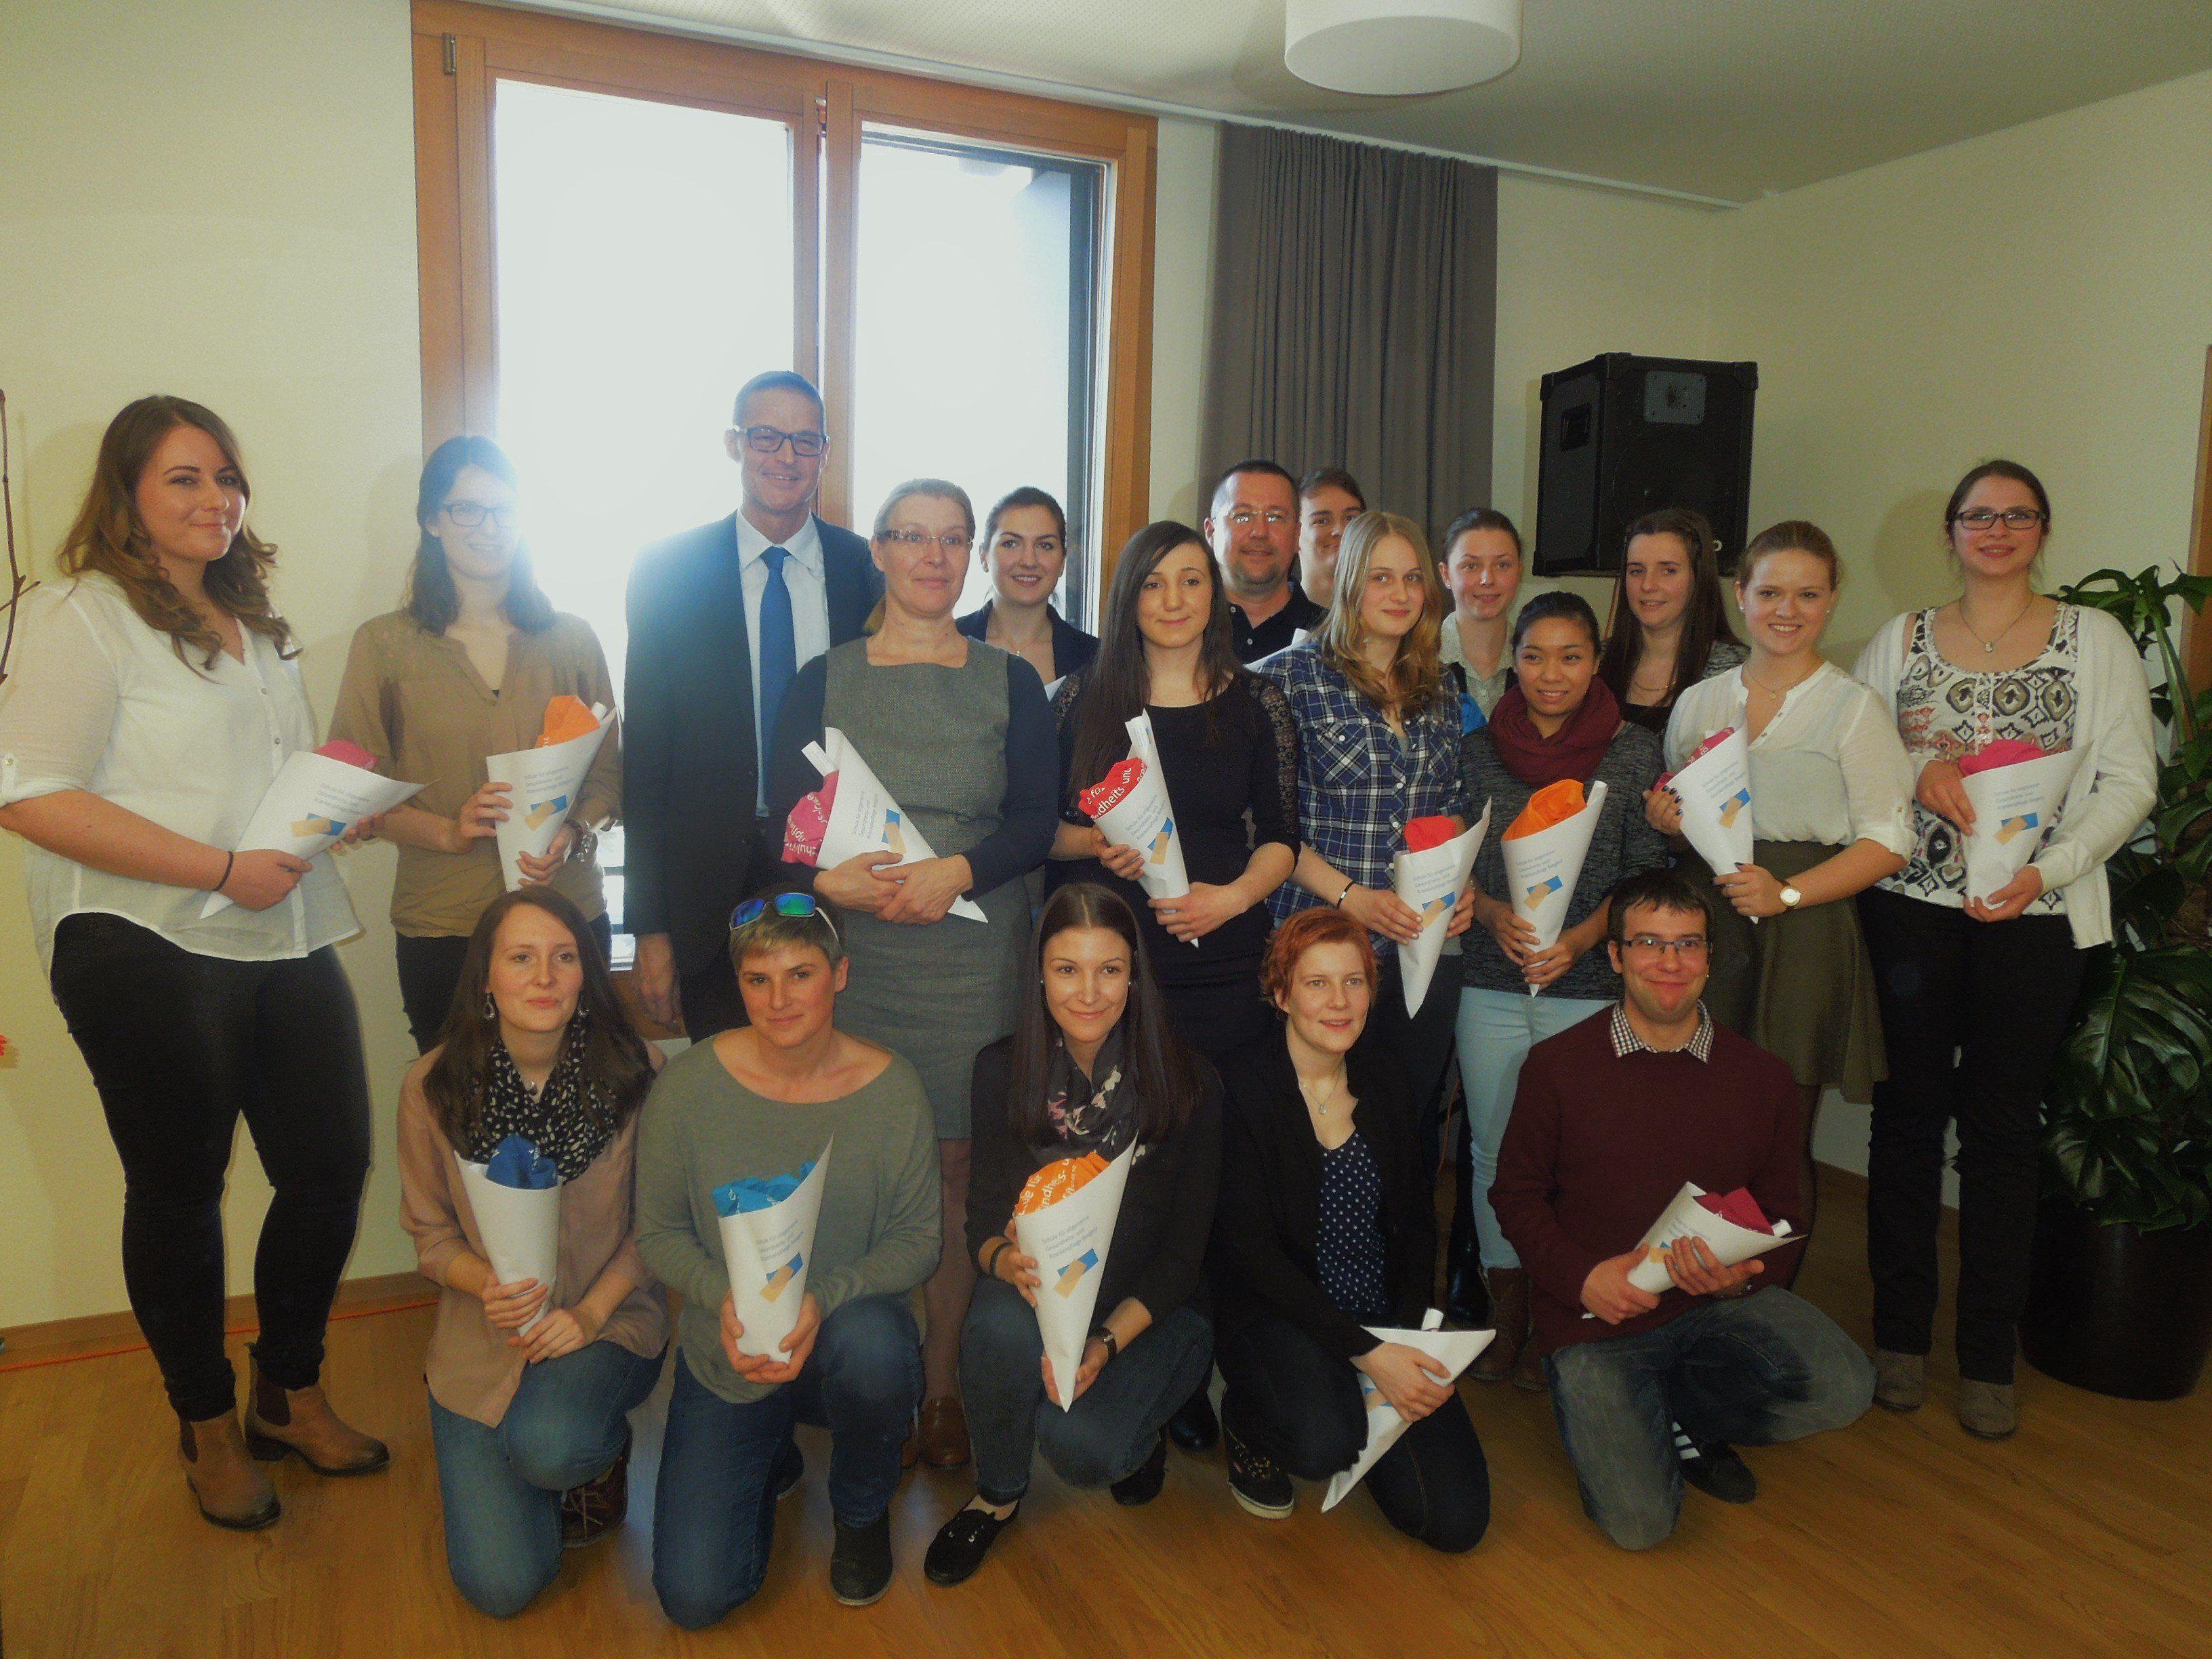 20 neue Pflegefachkräfte werden seit dieser Woche in der neuen Außenstelle der Krankenpflegeschule in Dornbirn ausgebildet.